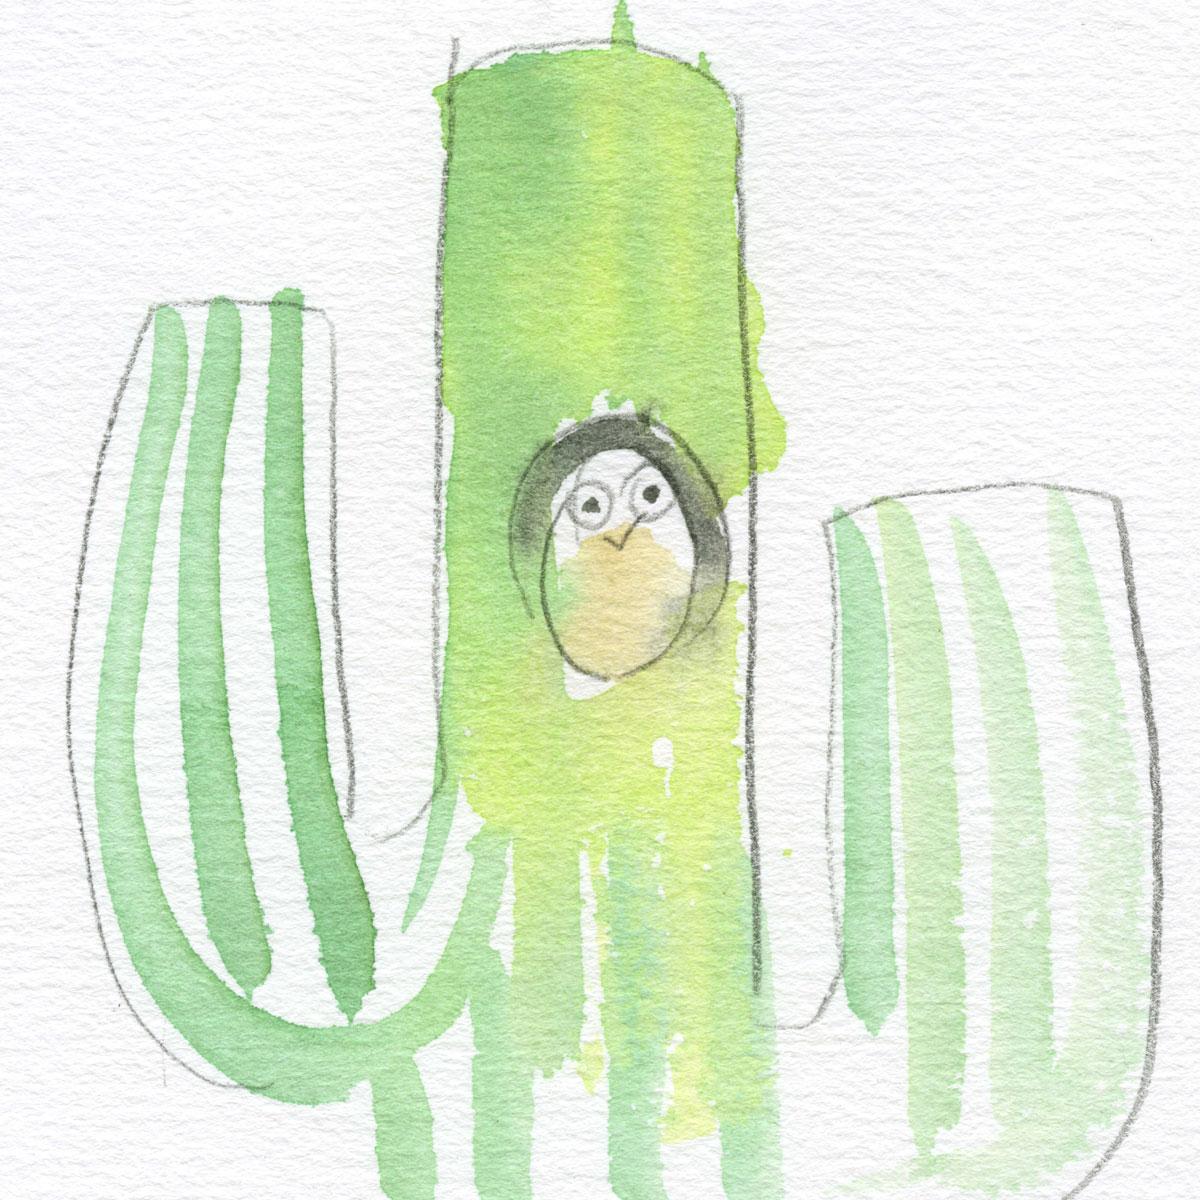 Owl living in cactus